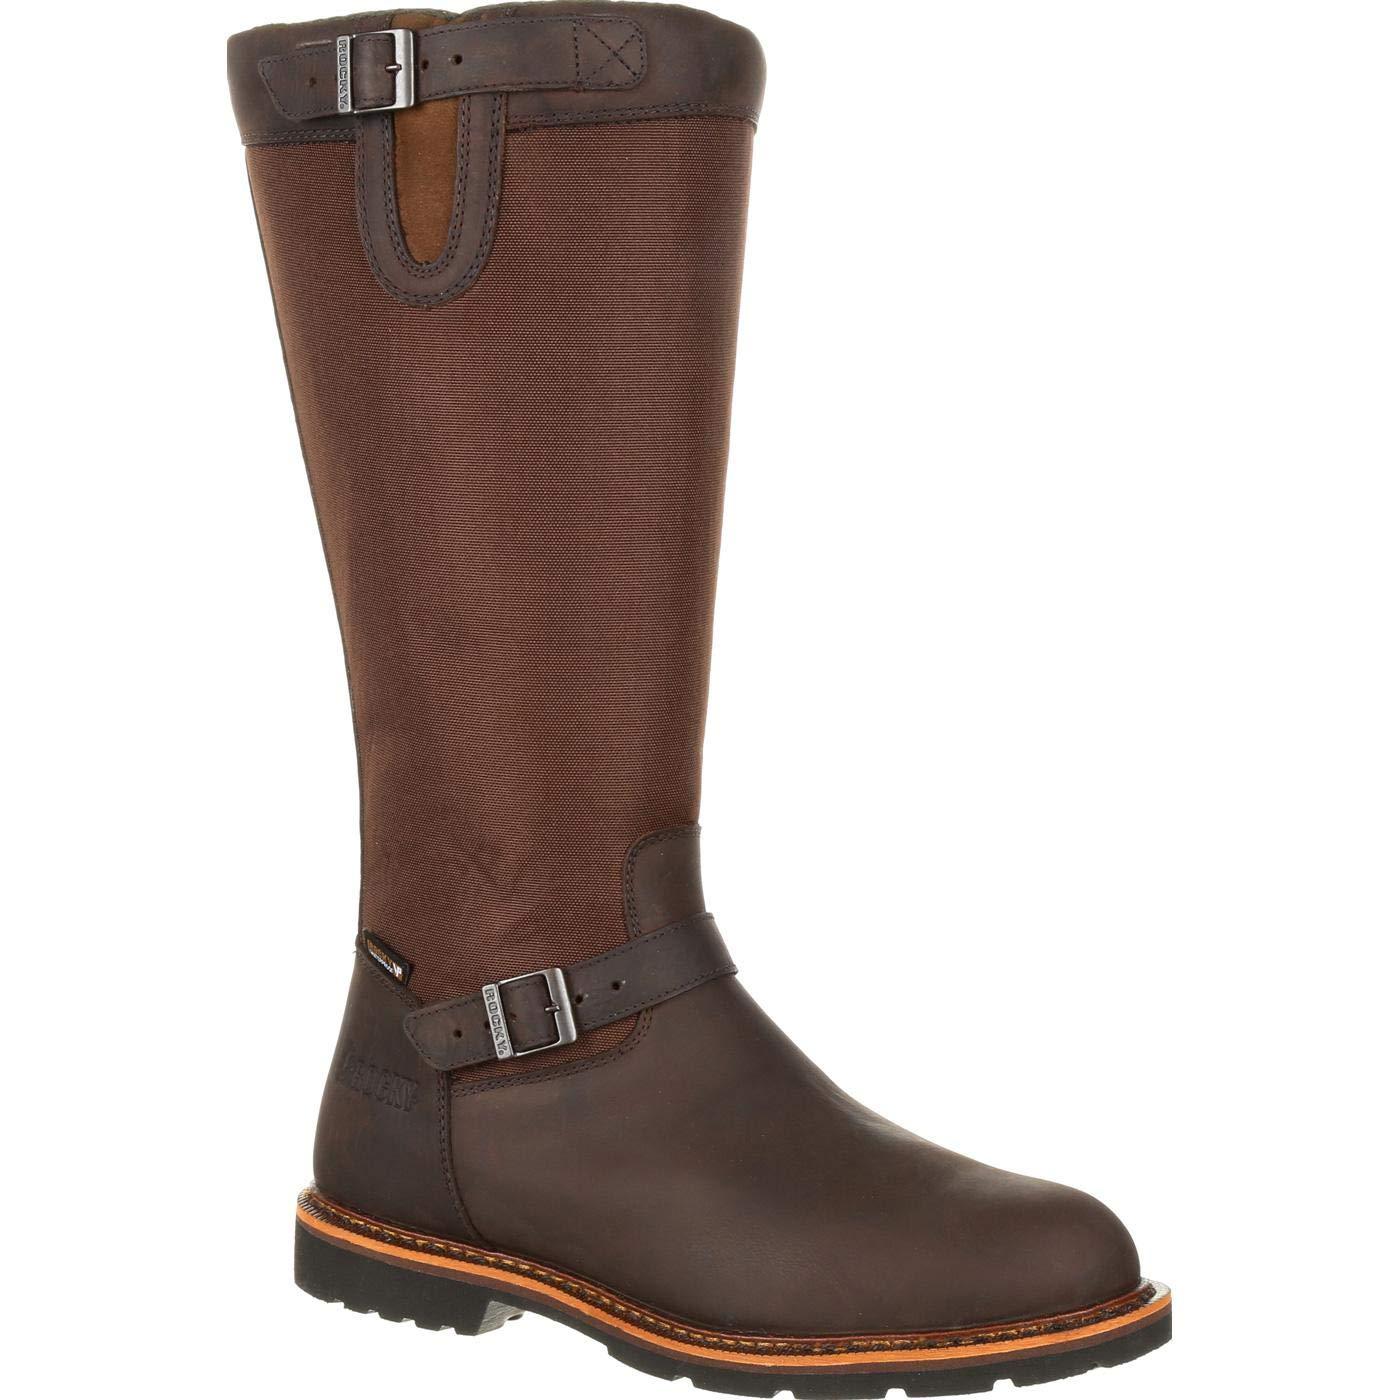 Rocky Men's Falls Waterproof Snake Boot Knee High, Dark Brown, 8 M US